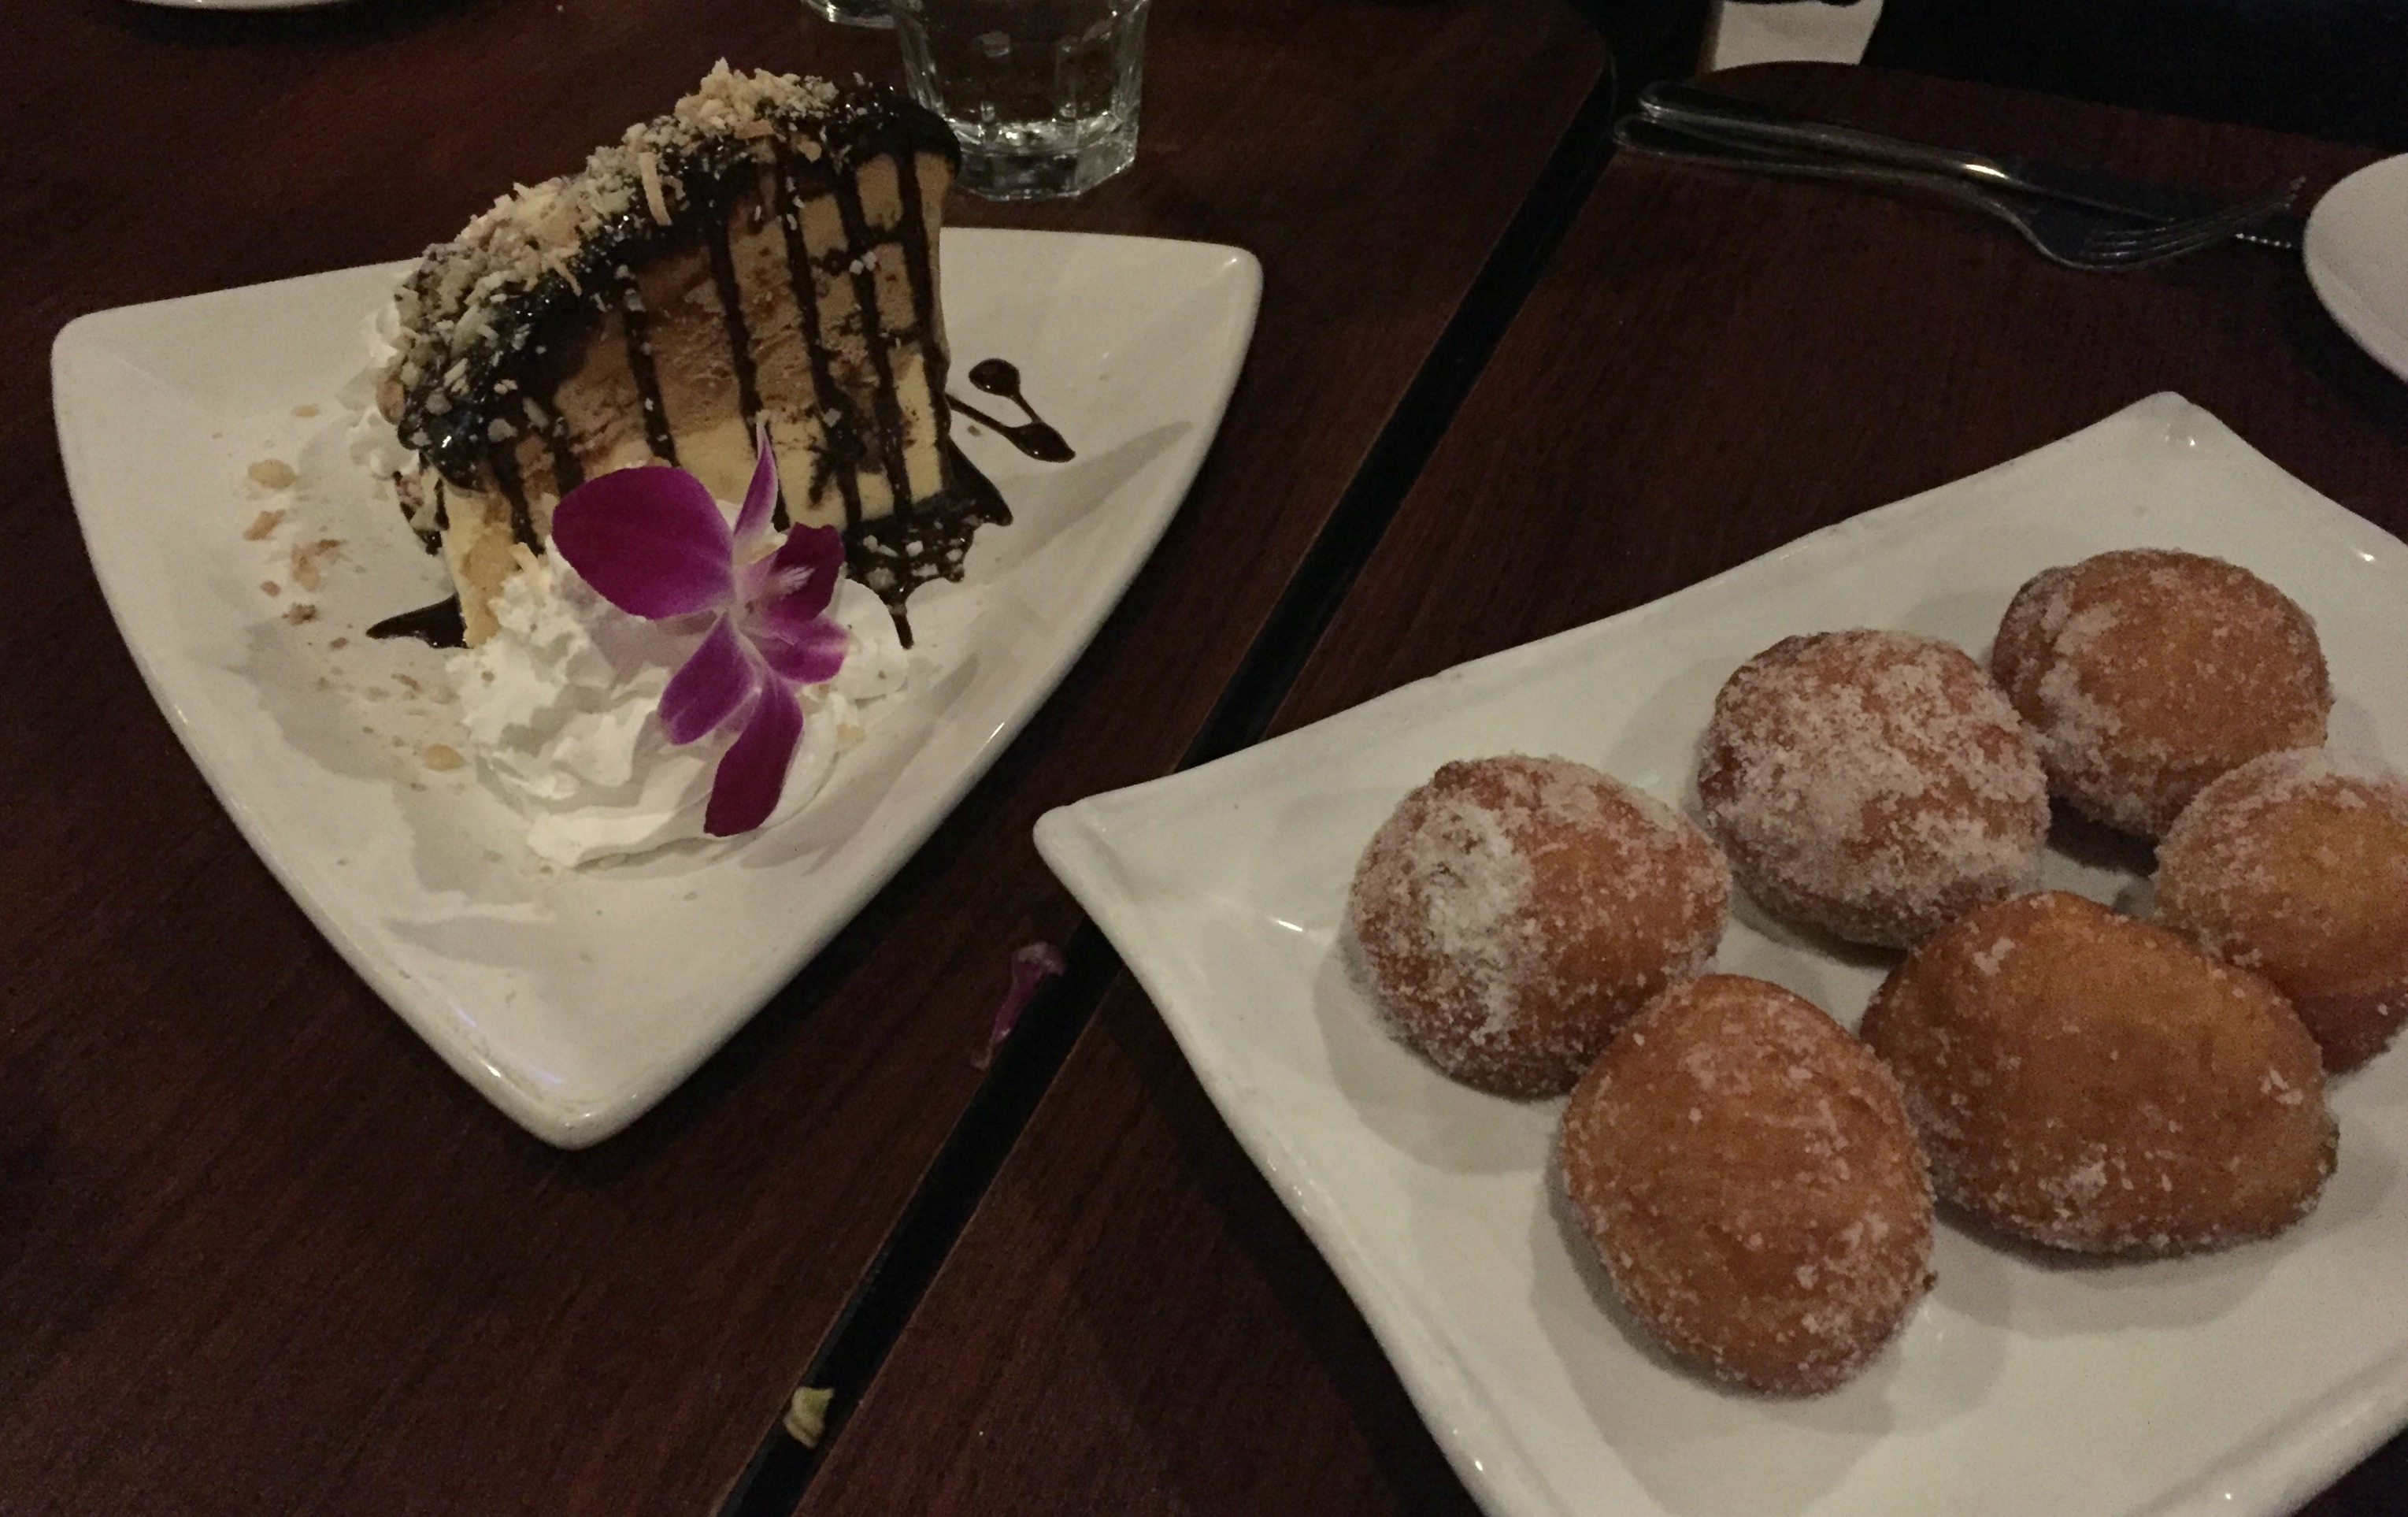 Noelani's Mud Pie and Malasadas